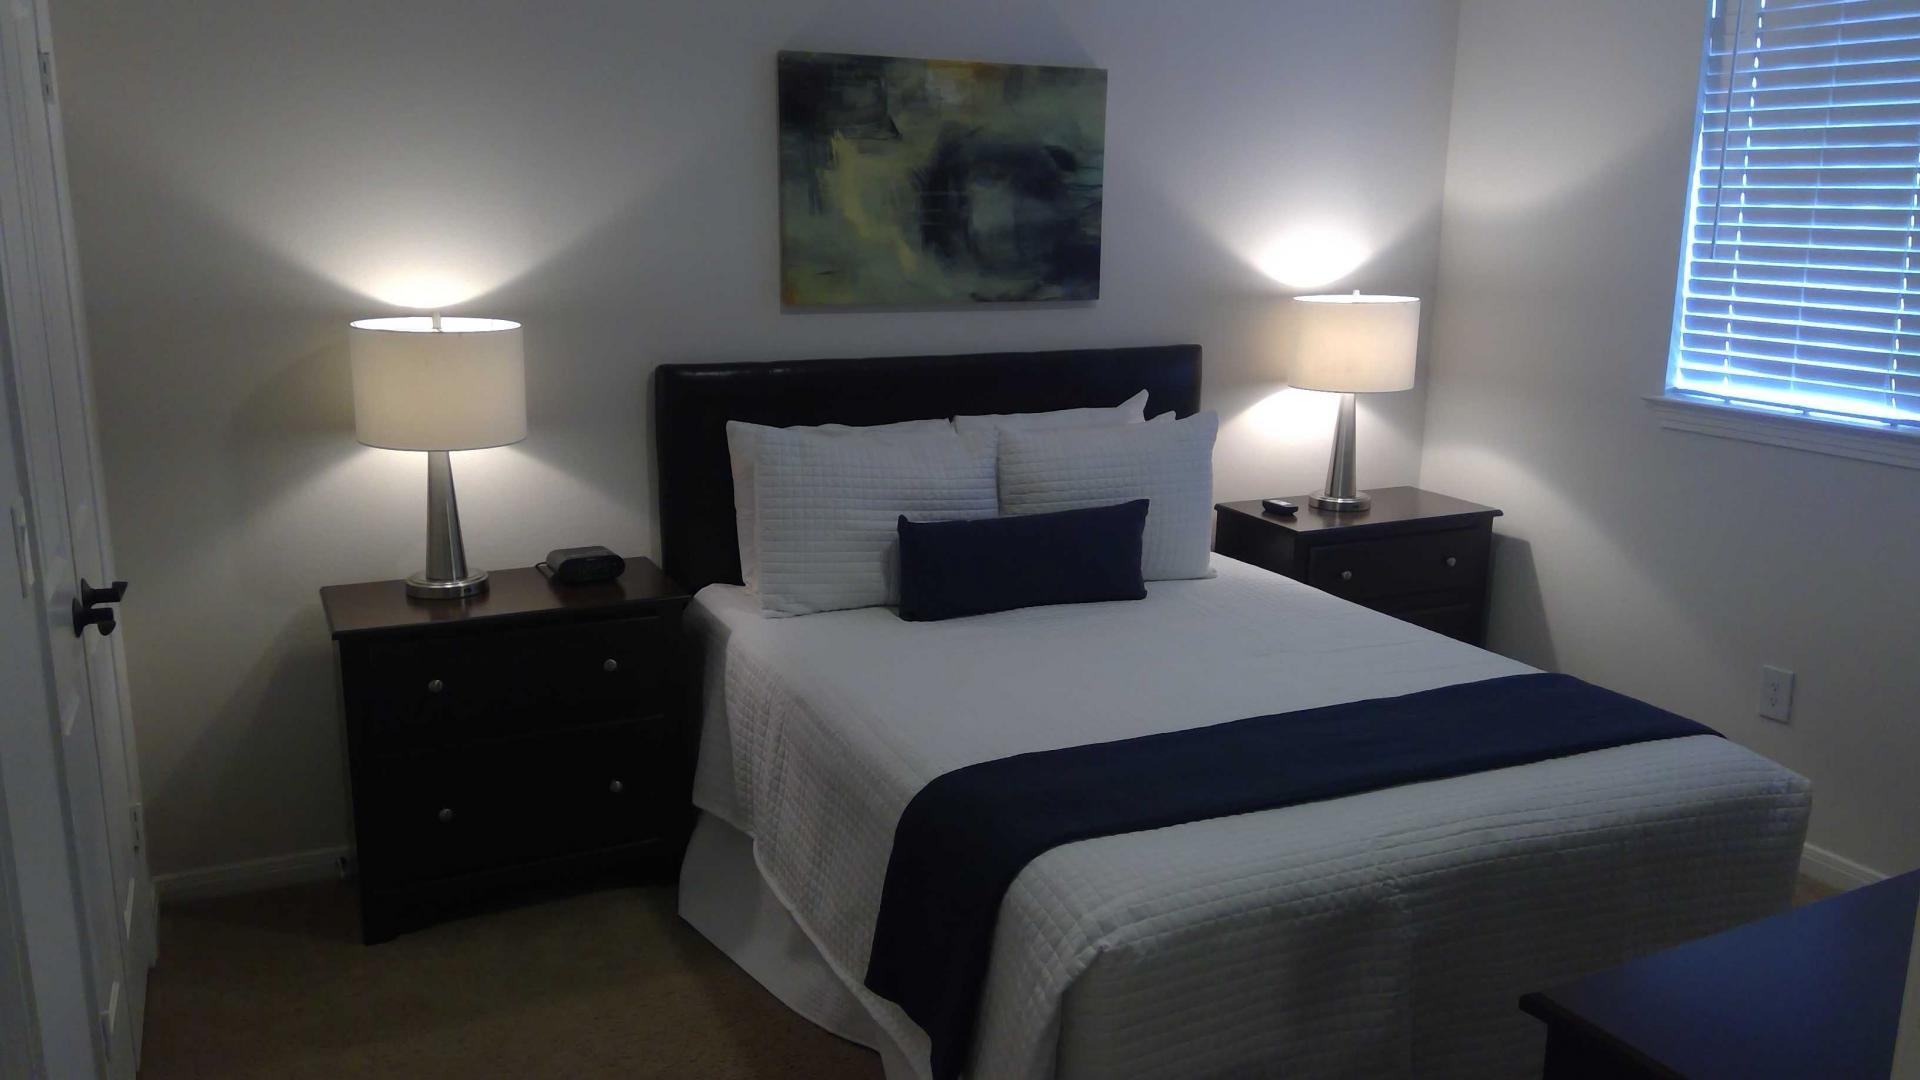 Bedroom at Rock Creek Apartments